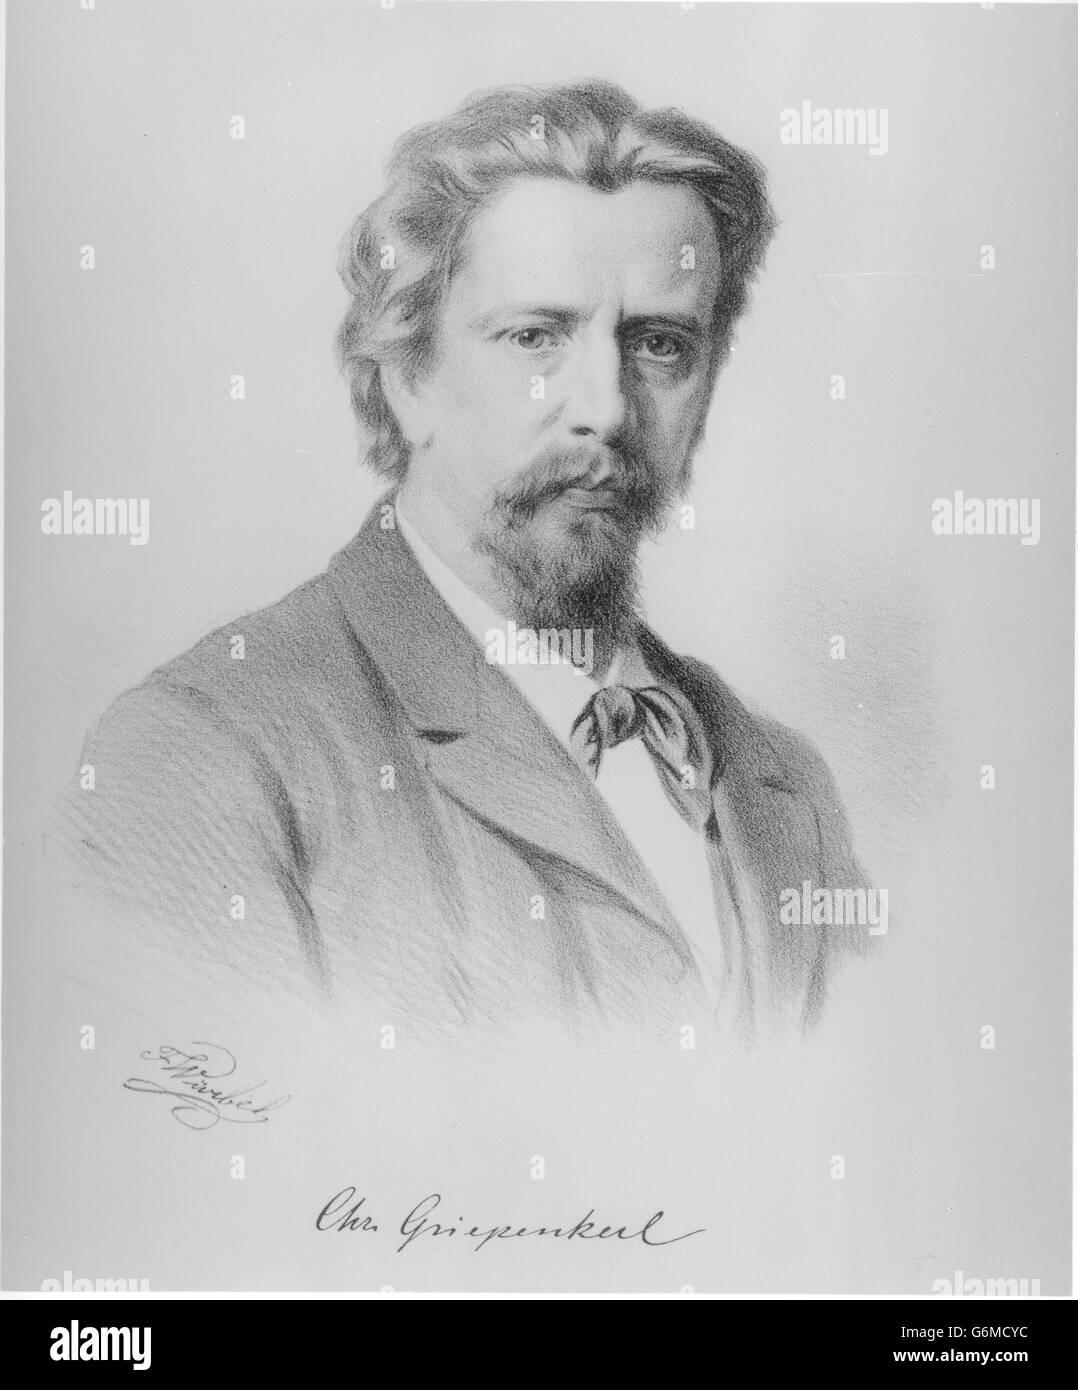 Christian Griepenkerl Bildnis Imagen De Stock